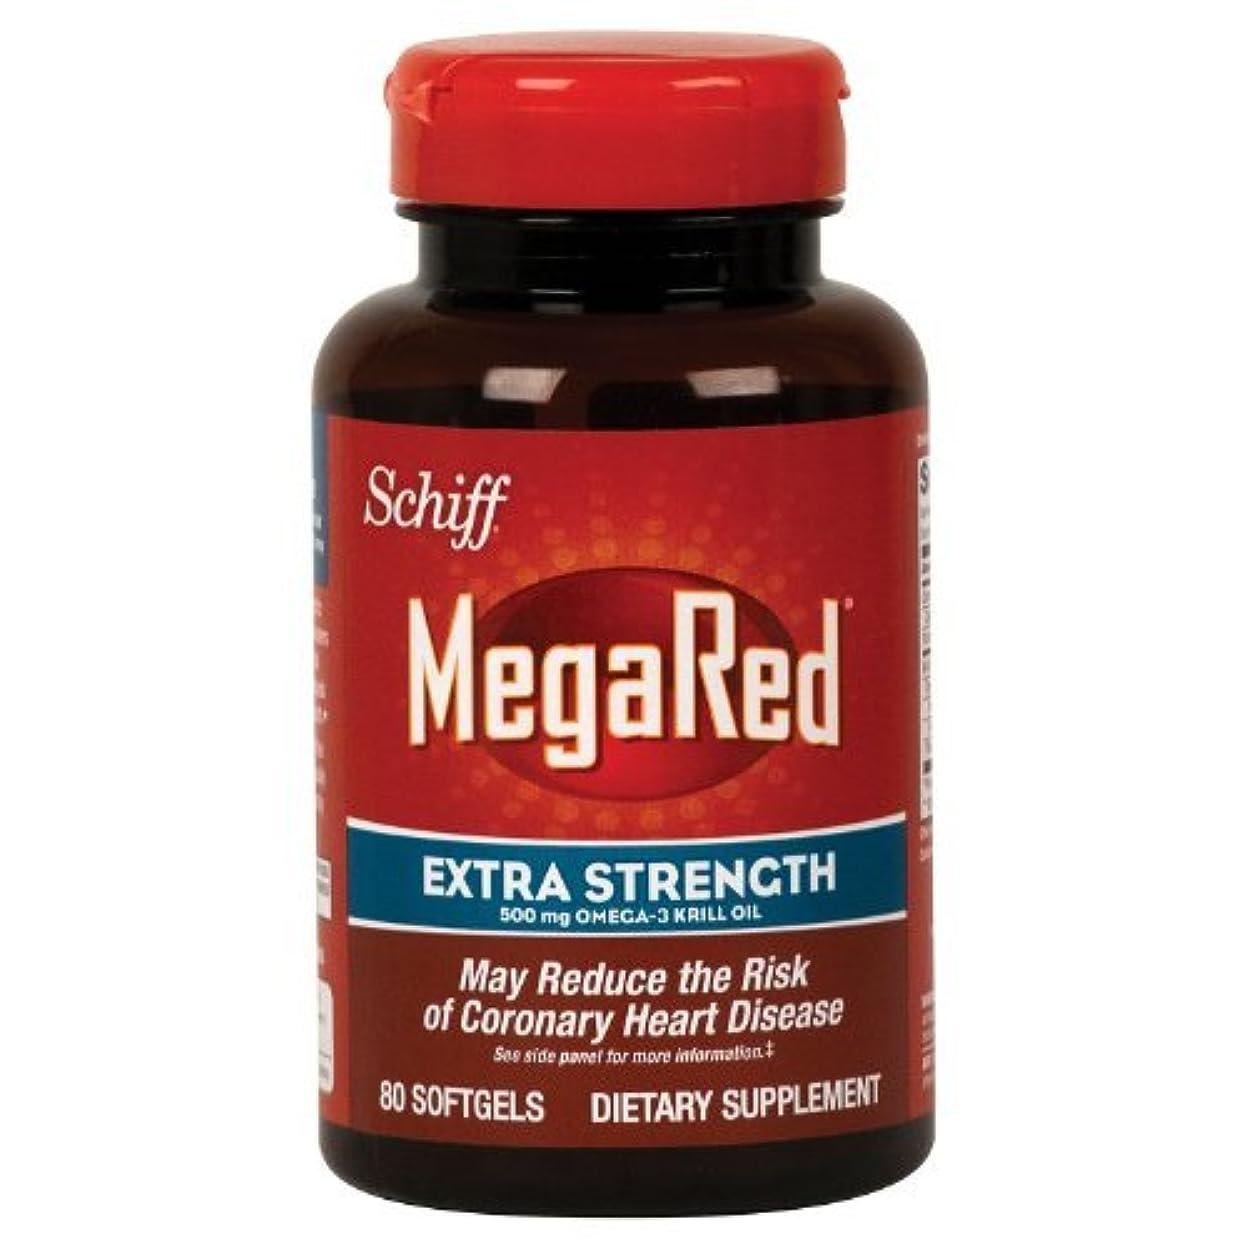 トロピカルデンプシー富Schiff Megared Extra Strength 500mg Omega-3 Krill Oil - 80 Softgels by Simply Right [並行輸入品]